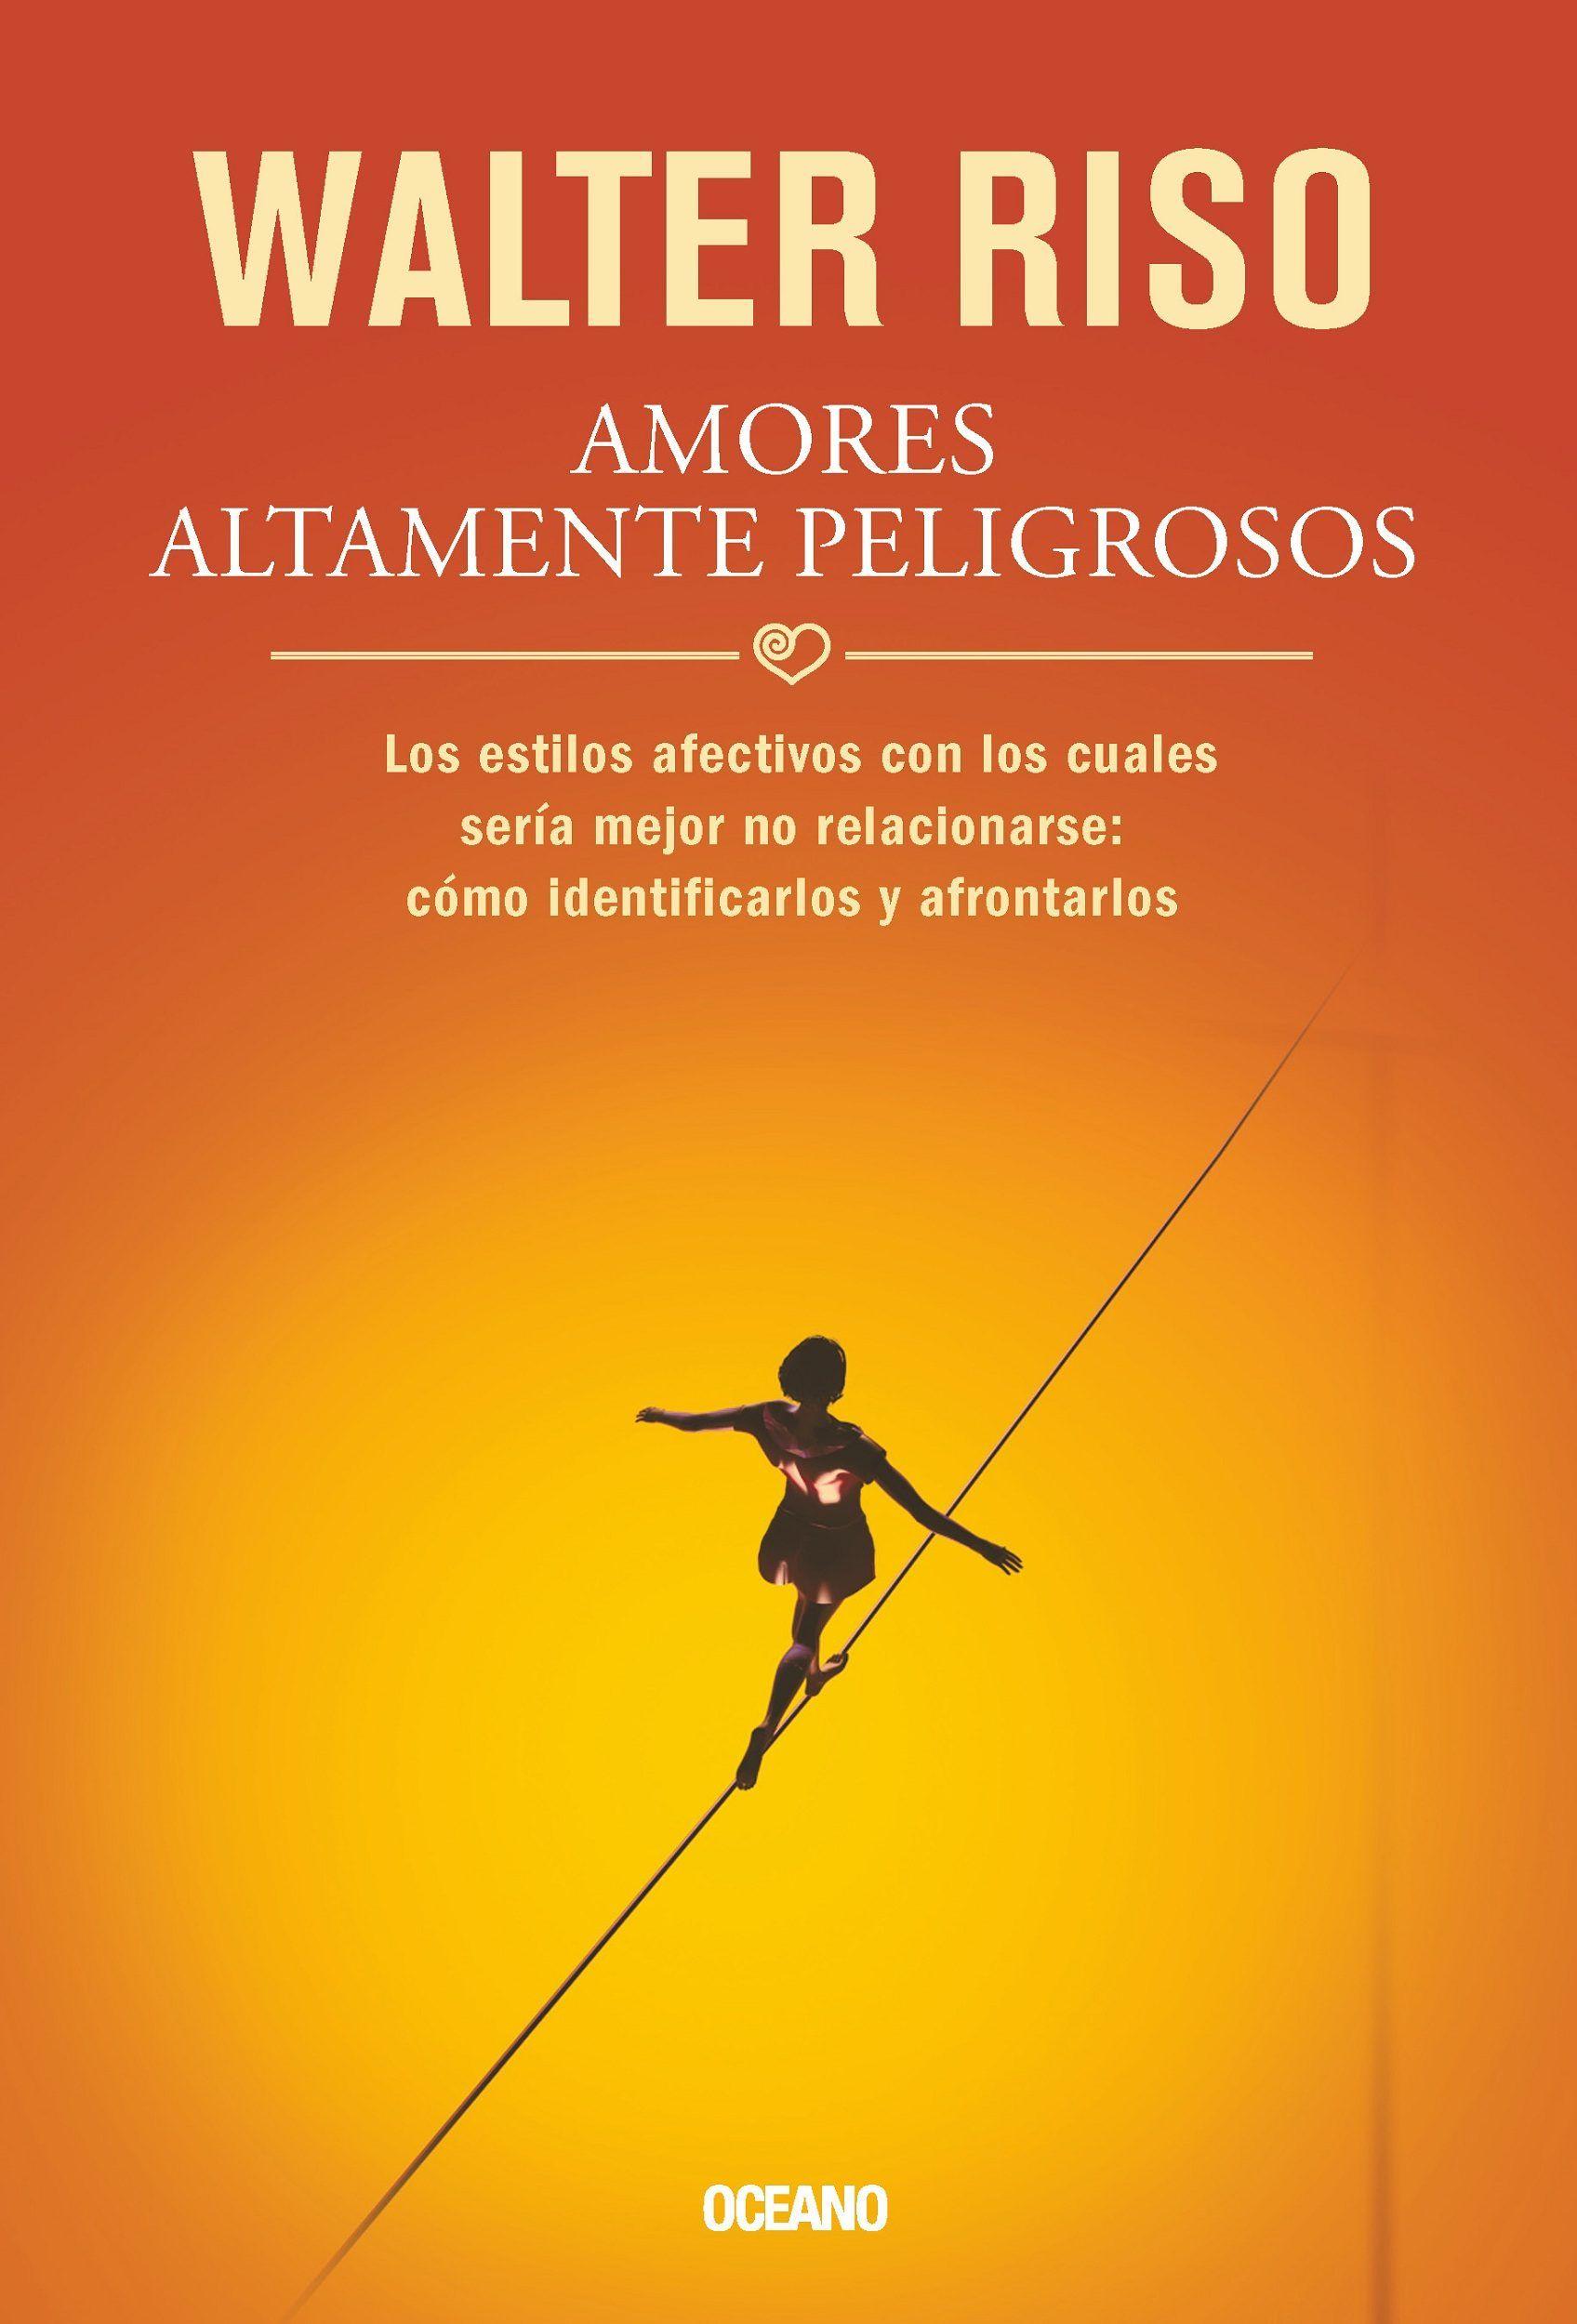 Pdf amores peligrosos riso altamente descargar walter download libro